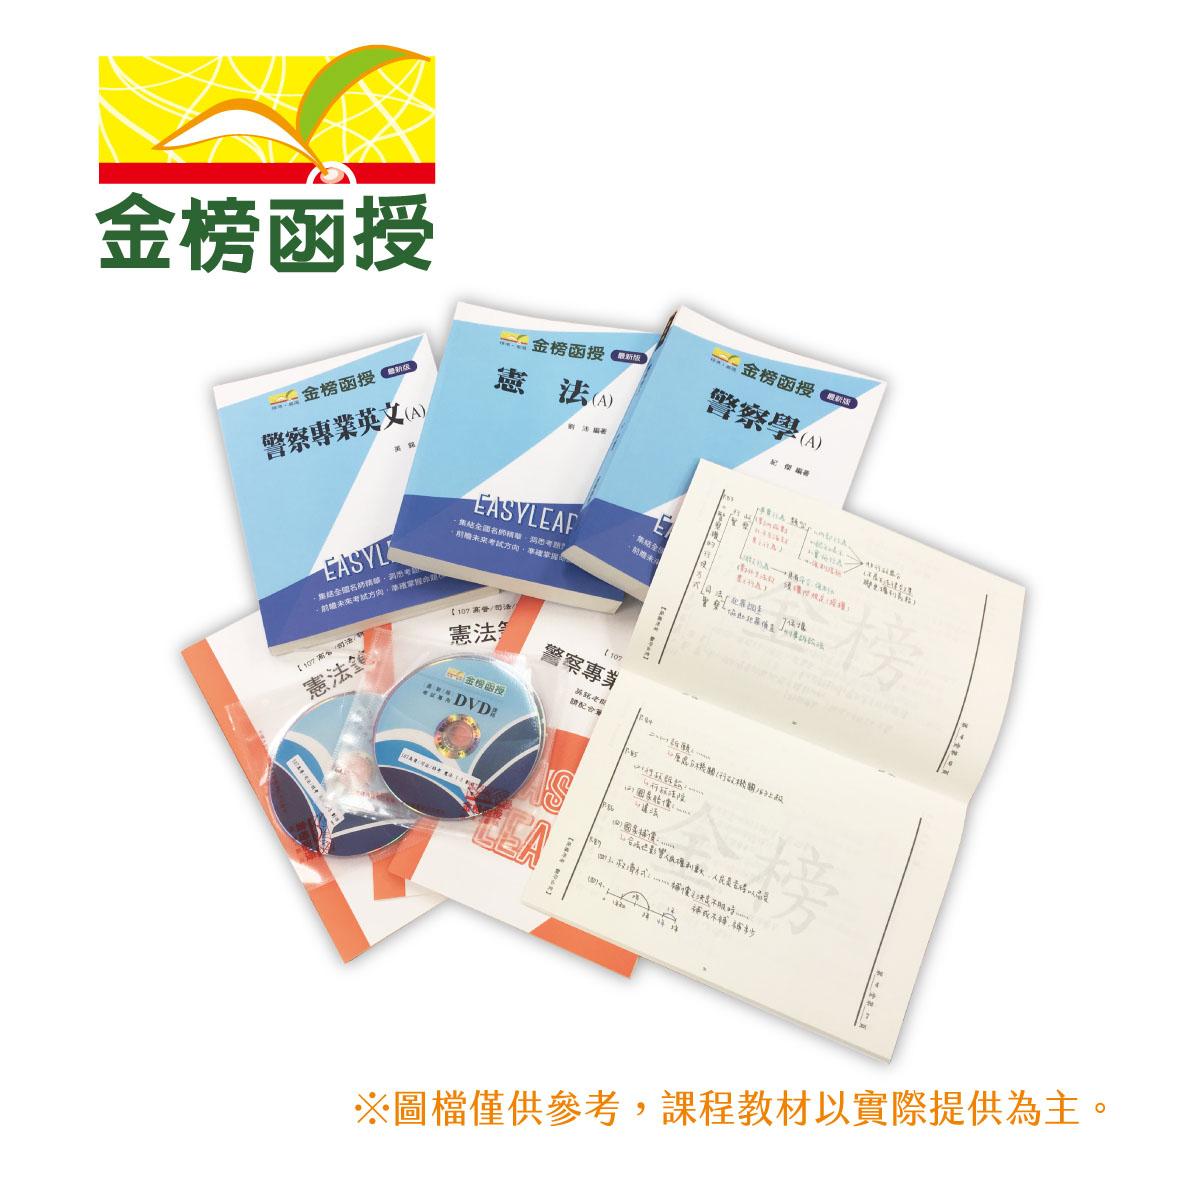 108金榜函授/高考三级/年度课程/全套/人事行政/云端/专业科目